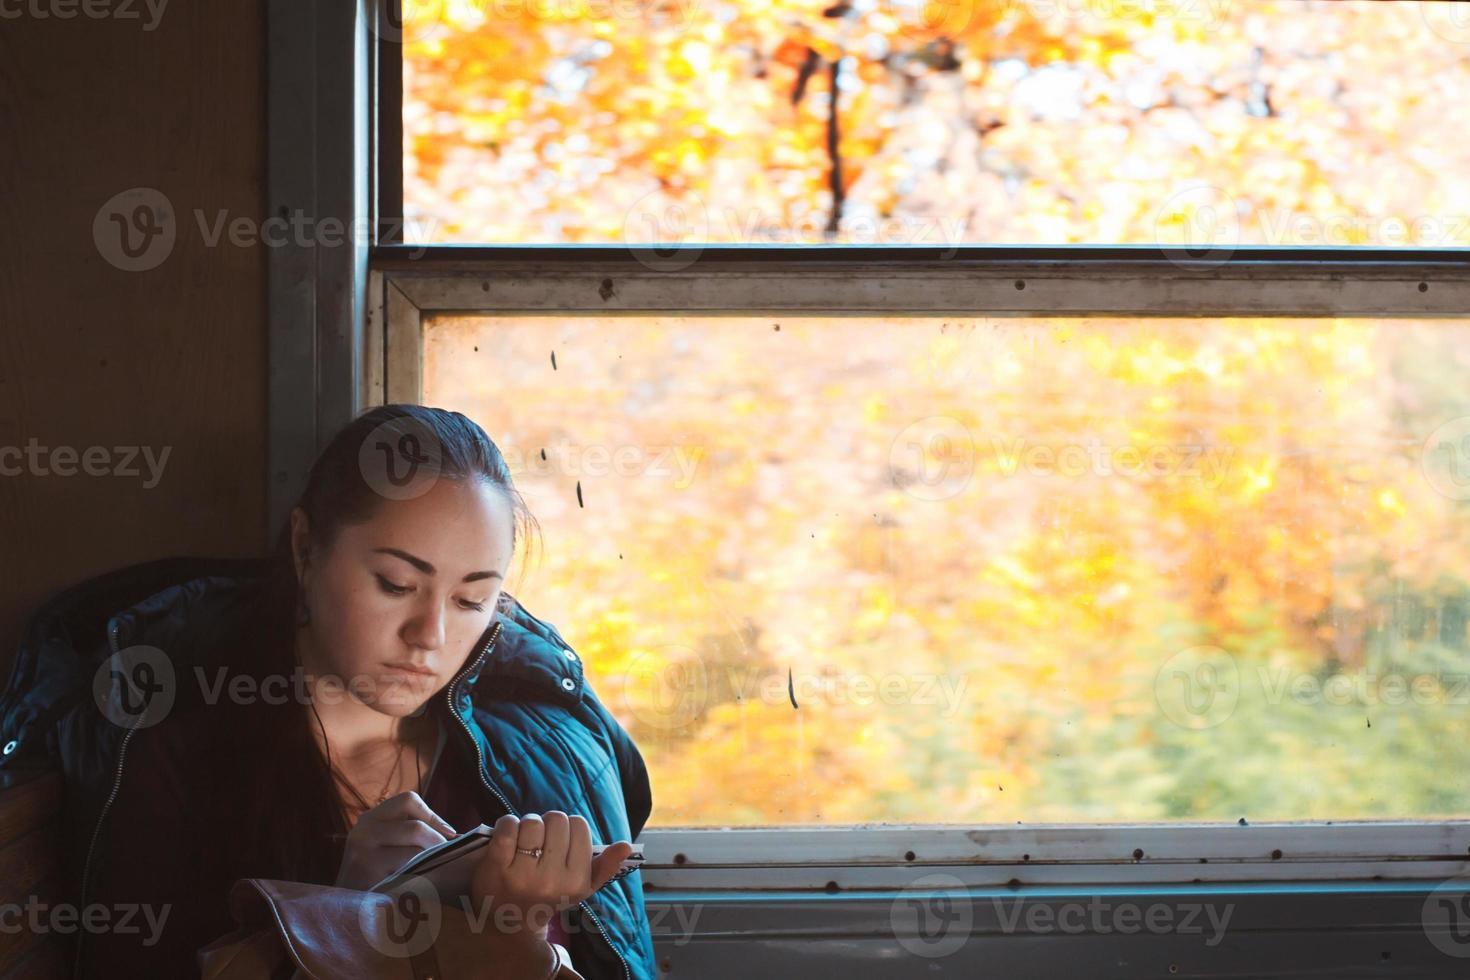 Mädchen zieht im Zug foto